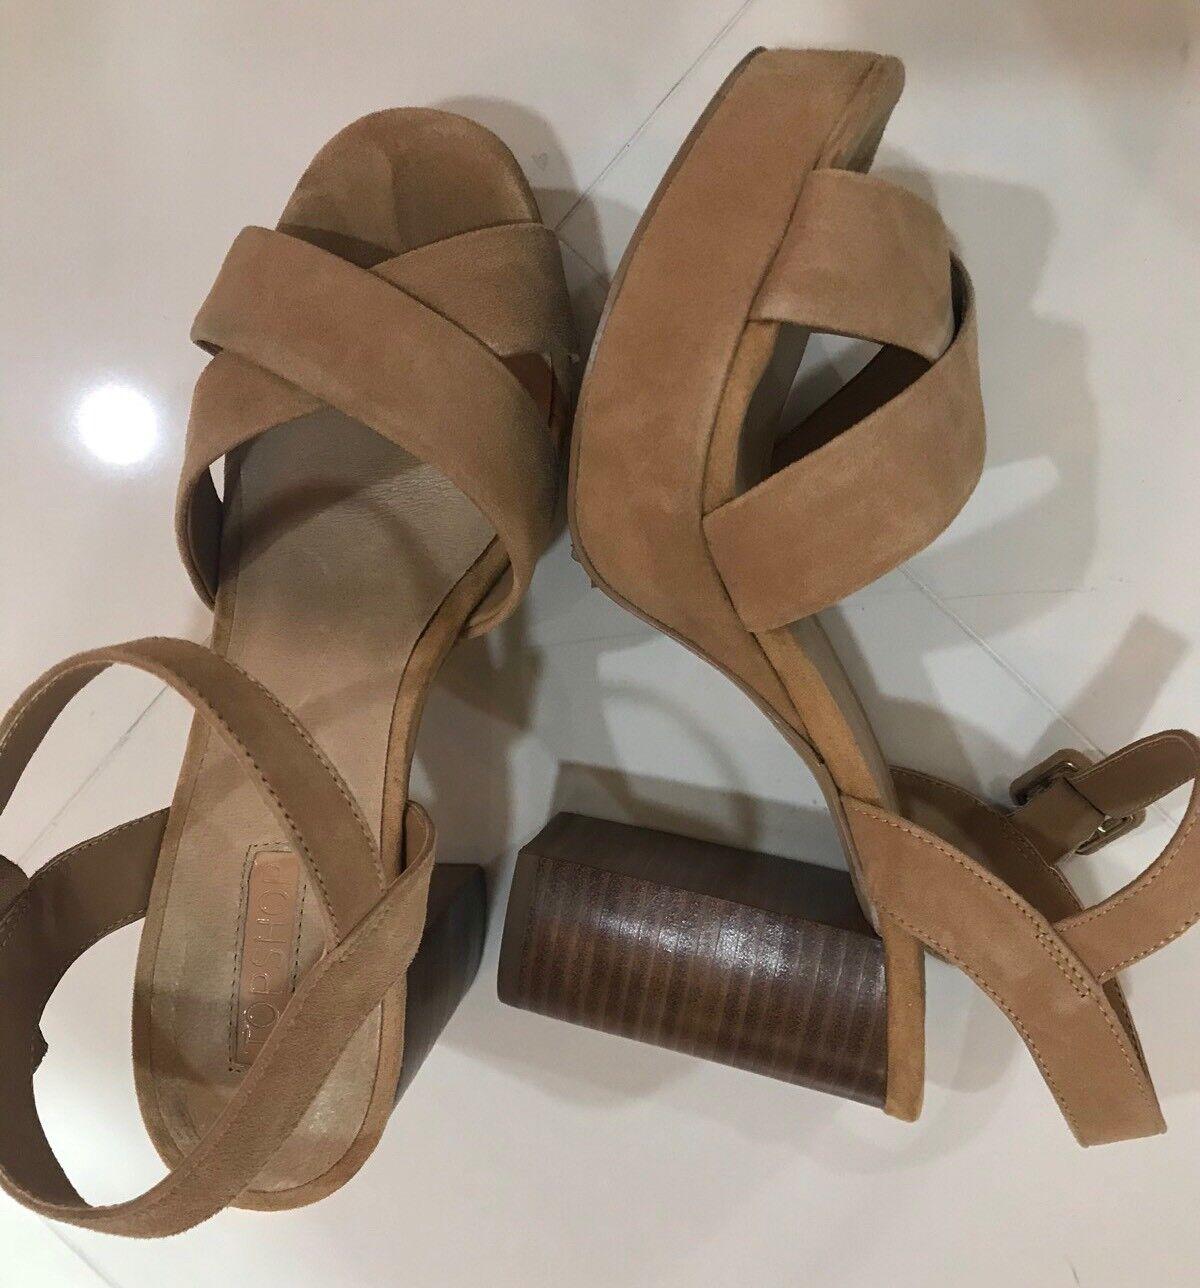 Topshop Topshop Topshop Platform Suede Leather Tan Sandals Größe 7.5 (38) 4a2a2a